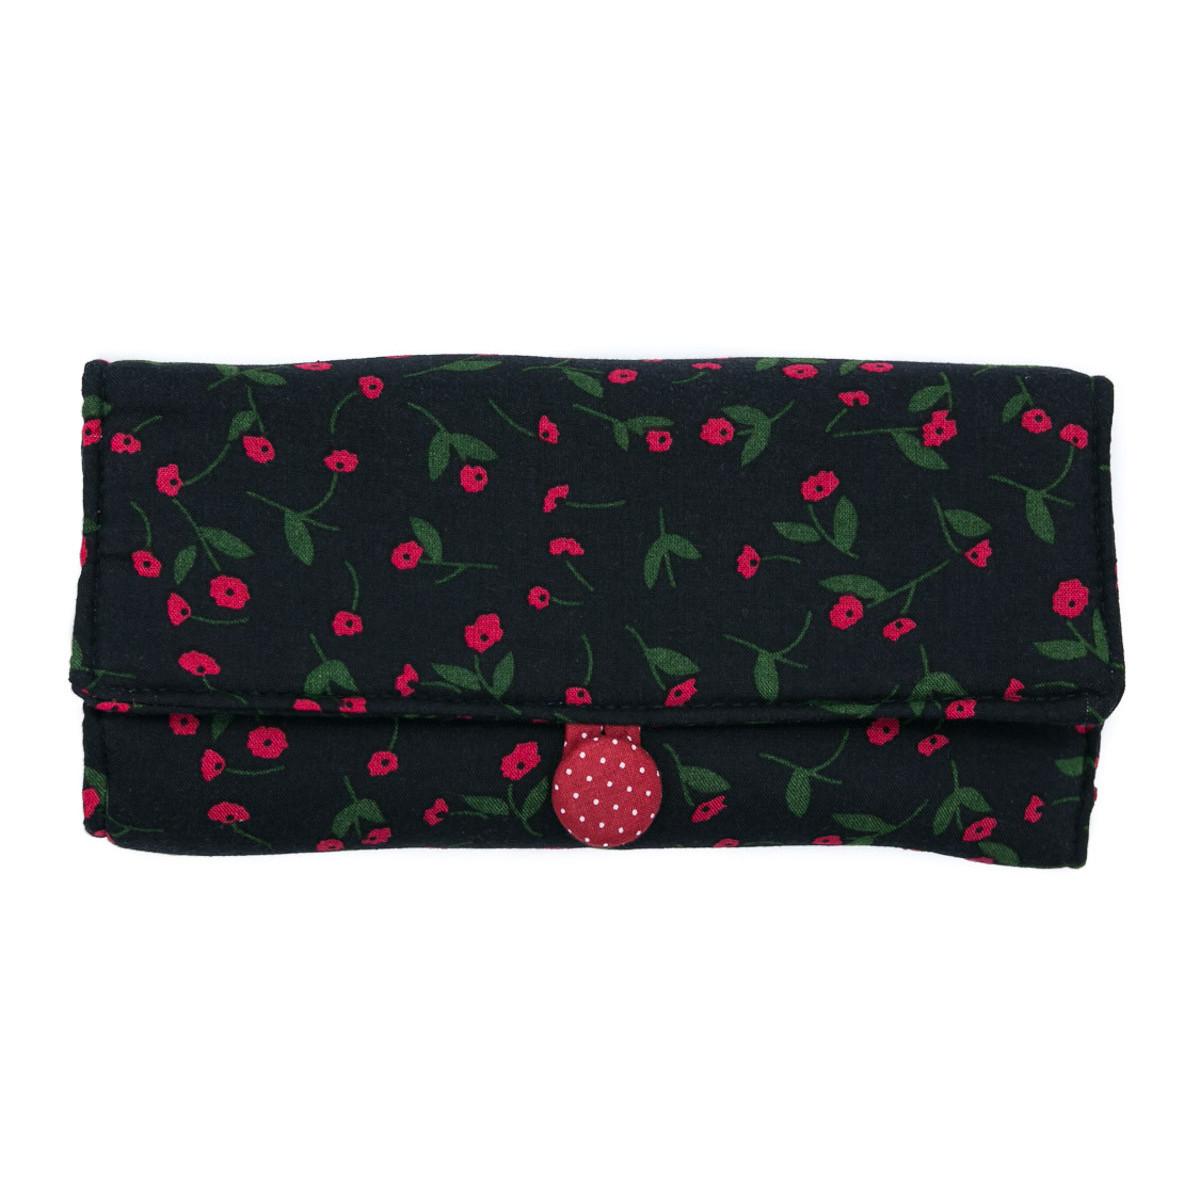 Trousse à bijoux de voyage noire et petites fleurs rouges